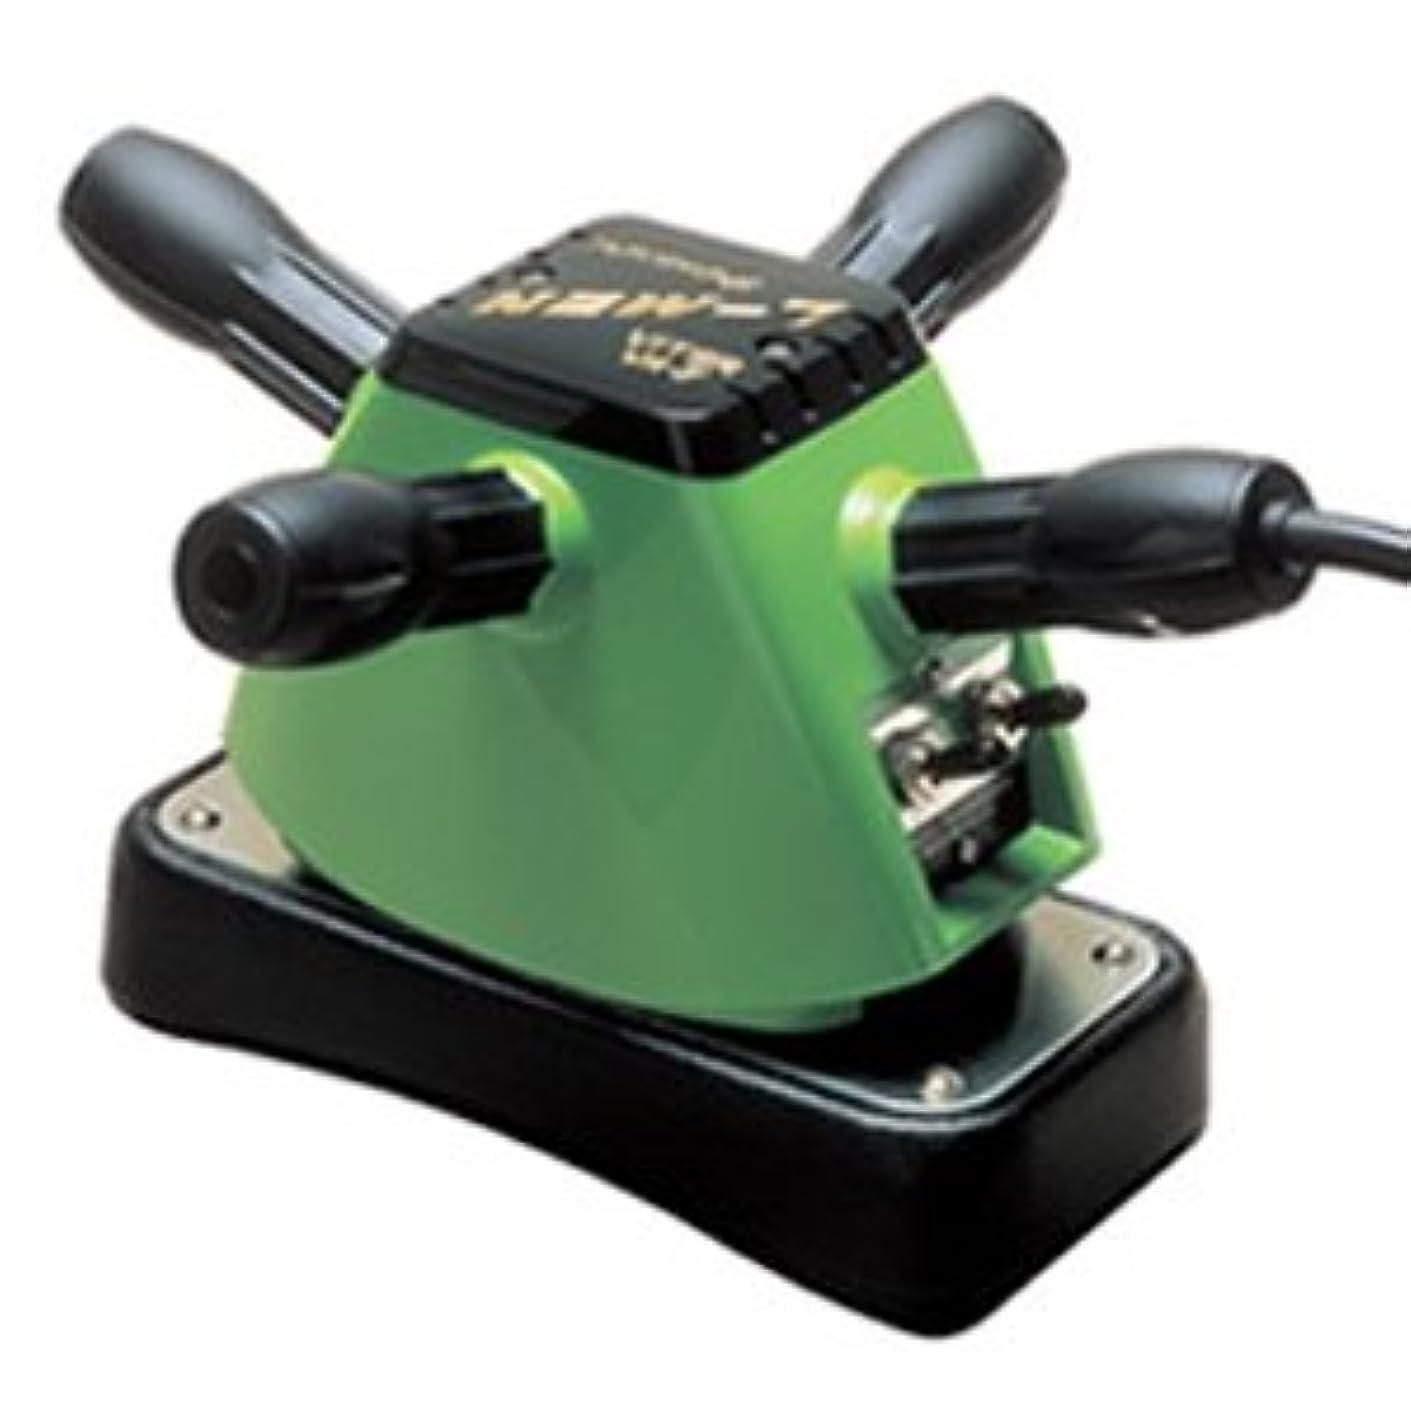 農村高い件名ビッグフィールド レイマックス バイター NEW-7+ゲルマニウムスリムローラーEX (ゴールド)セット